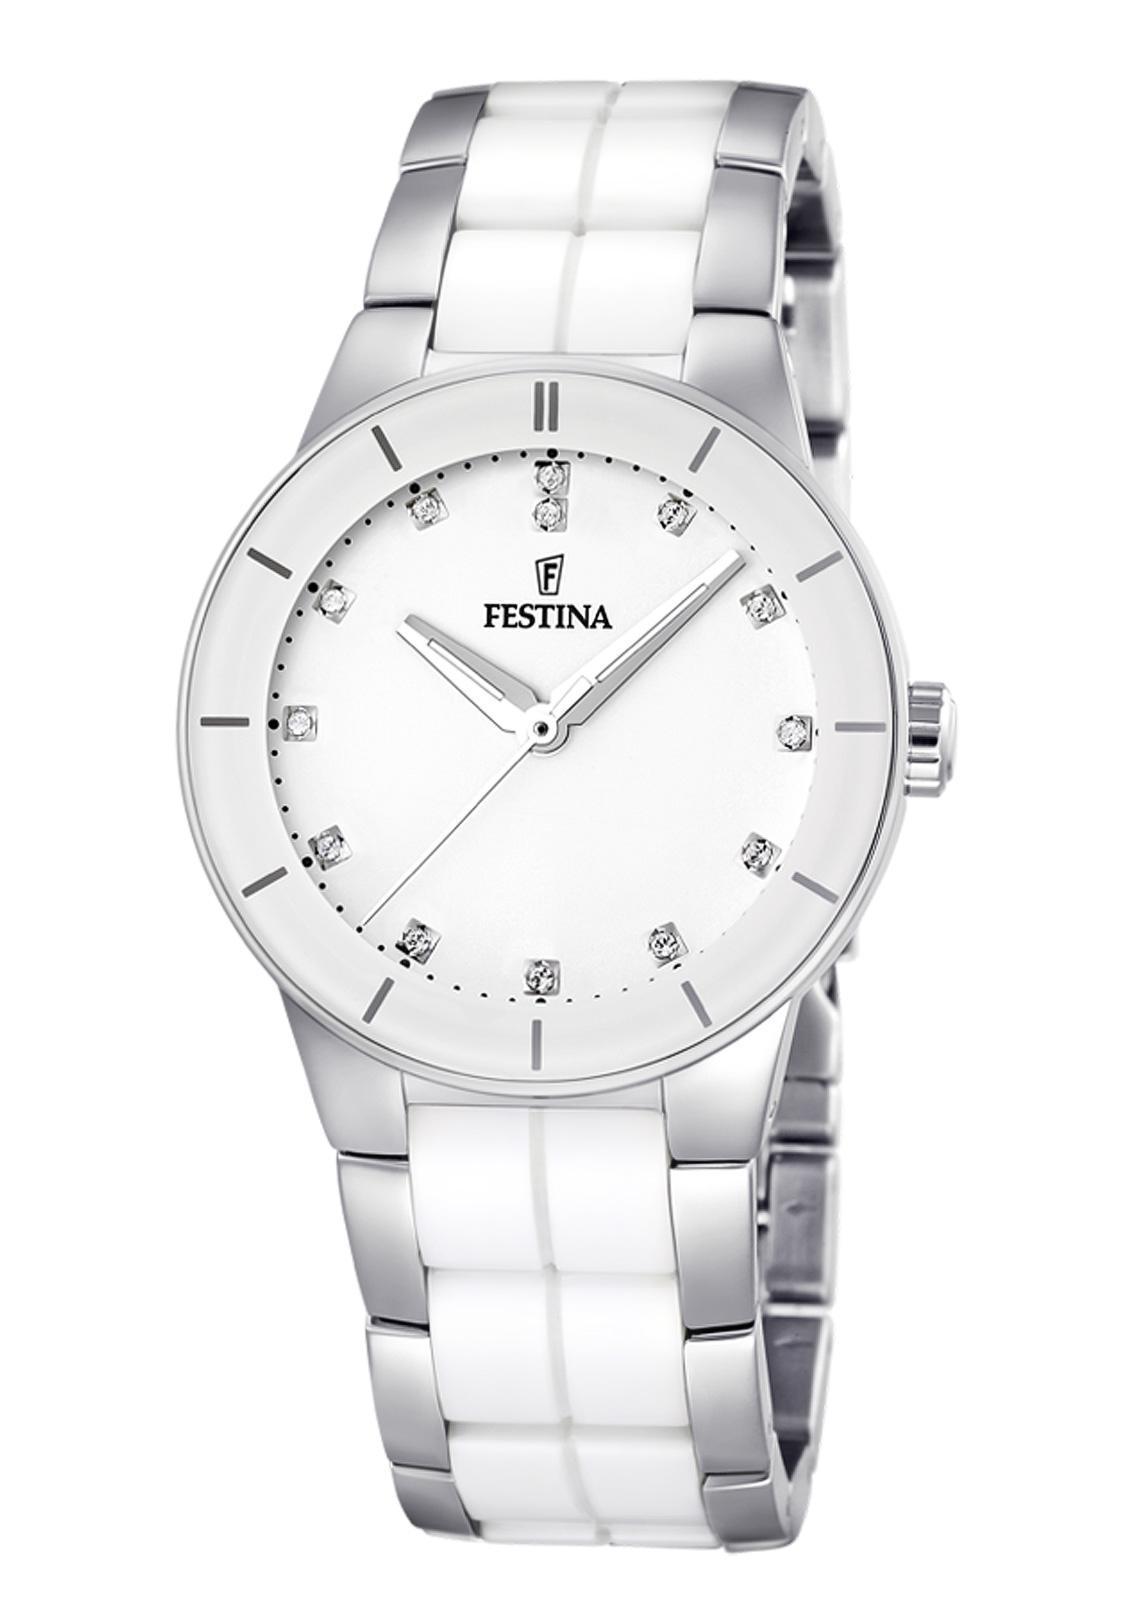 Festina F16531.3 - женские наручные часы из коллекции CeramicFestina<br><br><br>Бренд: Festina<br>Модель: Festina F16531/3<br>Артикул: F16531.3<br>Вариант артикула: None<br>Коллекция: Ceramic<br>Подколлекция: None<br>Страна: Испания<br>Пол: женские<br>Тип механизма: кварцевые<br>Механизм: MGL30<br>Количество камней: None<br>Автоподзавод: None<br>Источник энергии: от батарейки<br>Срок службы элемента питания: None<br>Дисплей: стрелки<br>Цифры: отсутствуют<br>Водозащита: WR 50<br>Противоударные: None<br>Материал корпуса: нерж. сталь + керамика<br>Материал браслета: нерж. сталь + керамика<br>Материал безеля: None<br>Стекло: минеральное<br>Антибликовое покрытие: None<br>Цвет корпуса: None<br>Цвет браслета: None<br>Цвет циферблата: None<br>Цвет безеля: None<br>Размеры: 35 мм<br>Диаметр: None<br>Диаметр корпуса: None<br>Толщина: None<br>Ширина ремешка: None<br>Вес: None<br>Спорт-функции: None<br>Подсветка: стрелок<br>Вставка: None<br>Отображение даты: None<br>Хронограф: None<br>Таймер: None<br>Термометр: None<br>Хронометр: None<br>GPS: None<br>Радиосинхронизация: None<br>Барометр: None<br>Скелетон: None<br>Дополнительная информация: None<br>Дополнительные функции: None